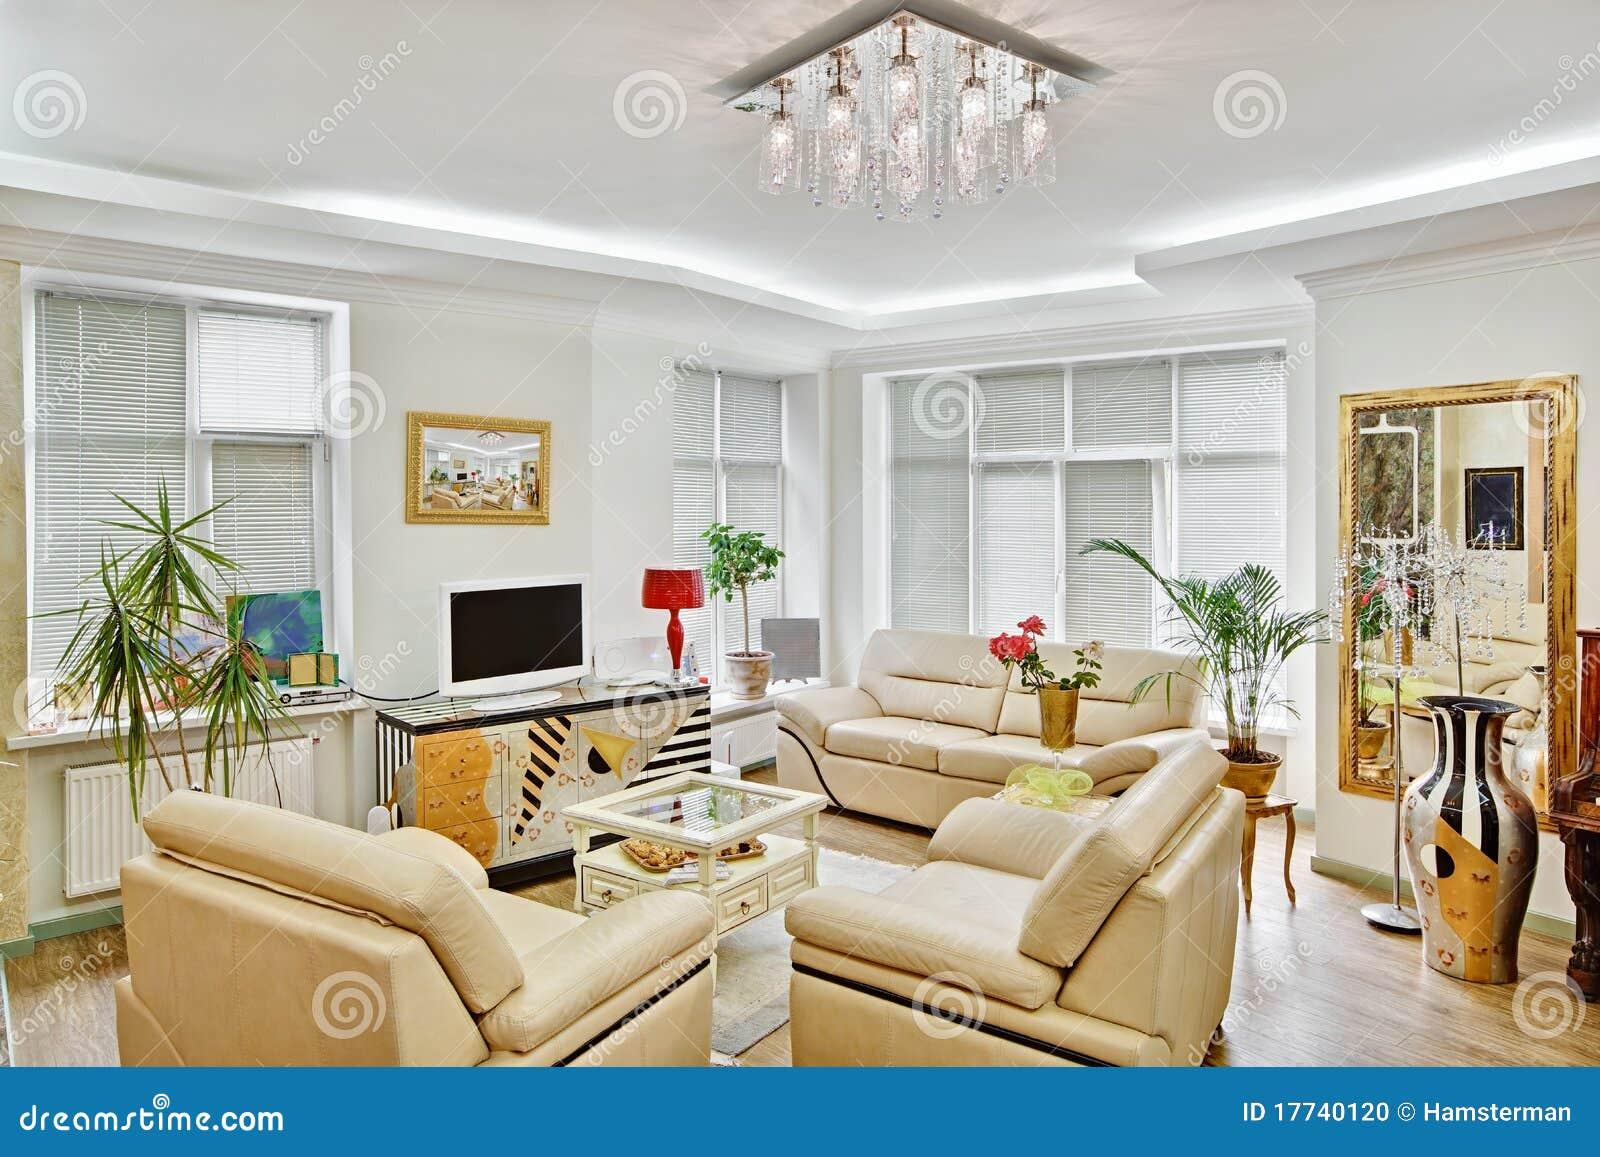 Deco interieur moderne salon for Interieur salon moderne